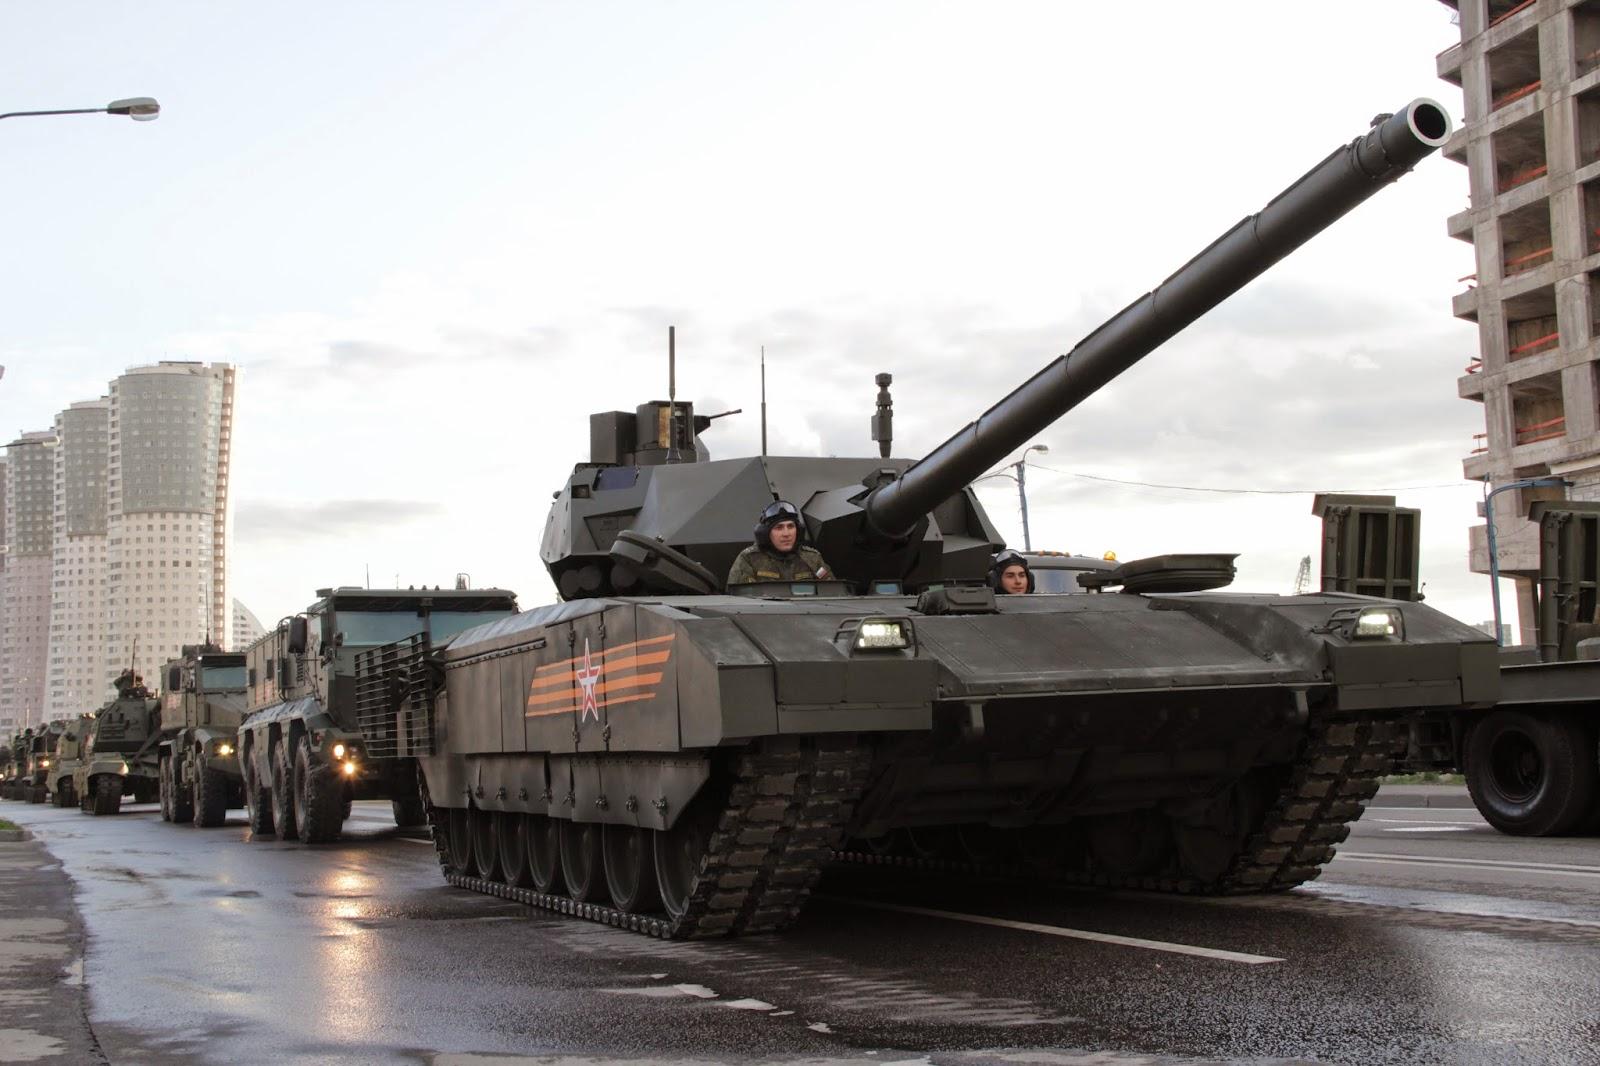 Índia quer desenvolver tanque a partir da plataforma Armata